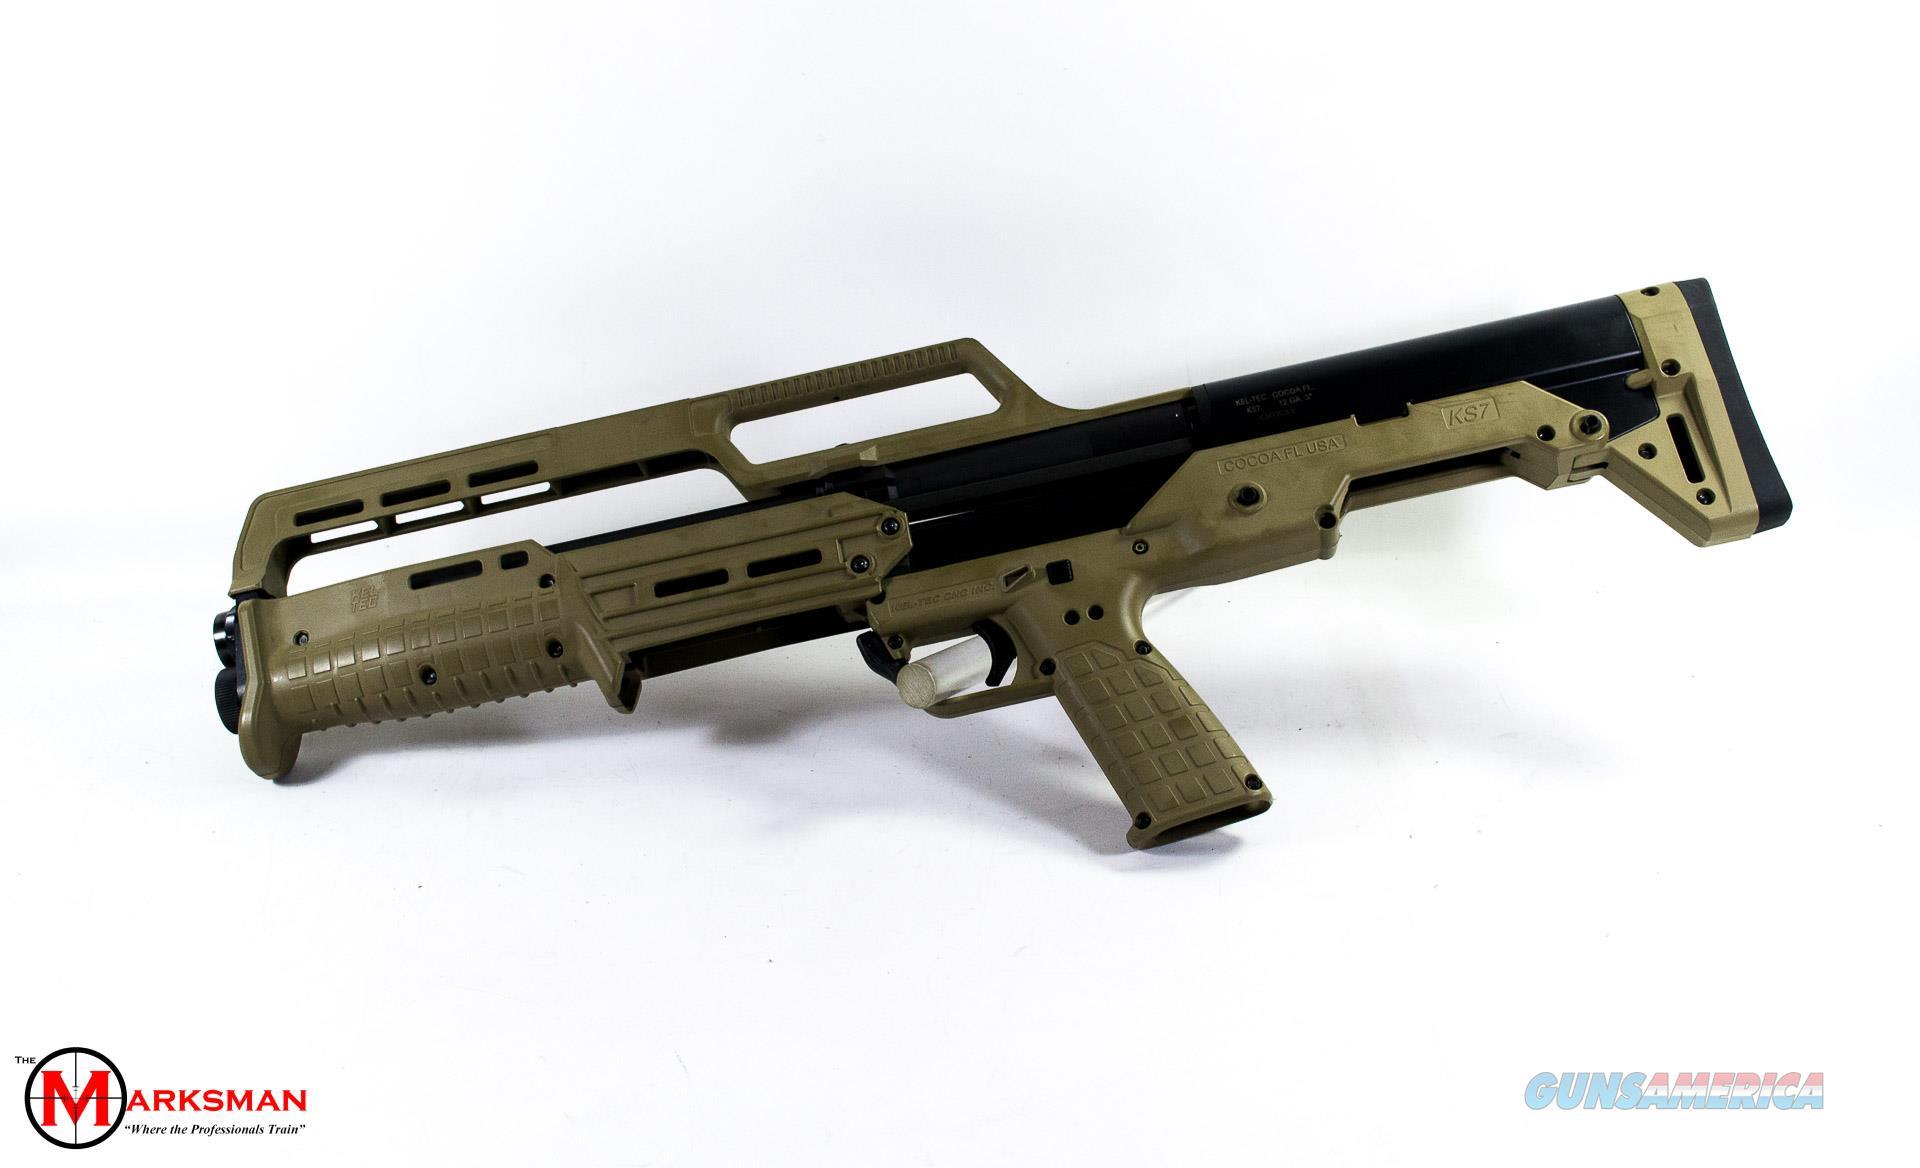 Kel Tec KS7, 12 Gauge, Tan NEW  Guns > Shotguns > Kel-Tec Shotguns > KSG